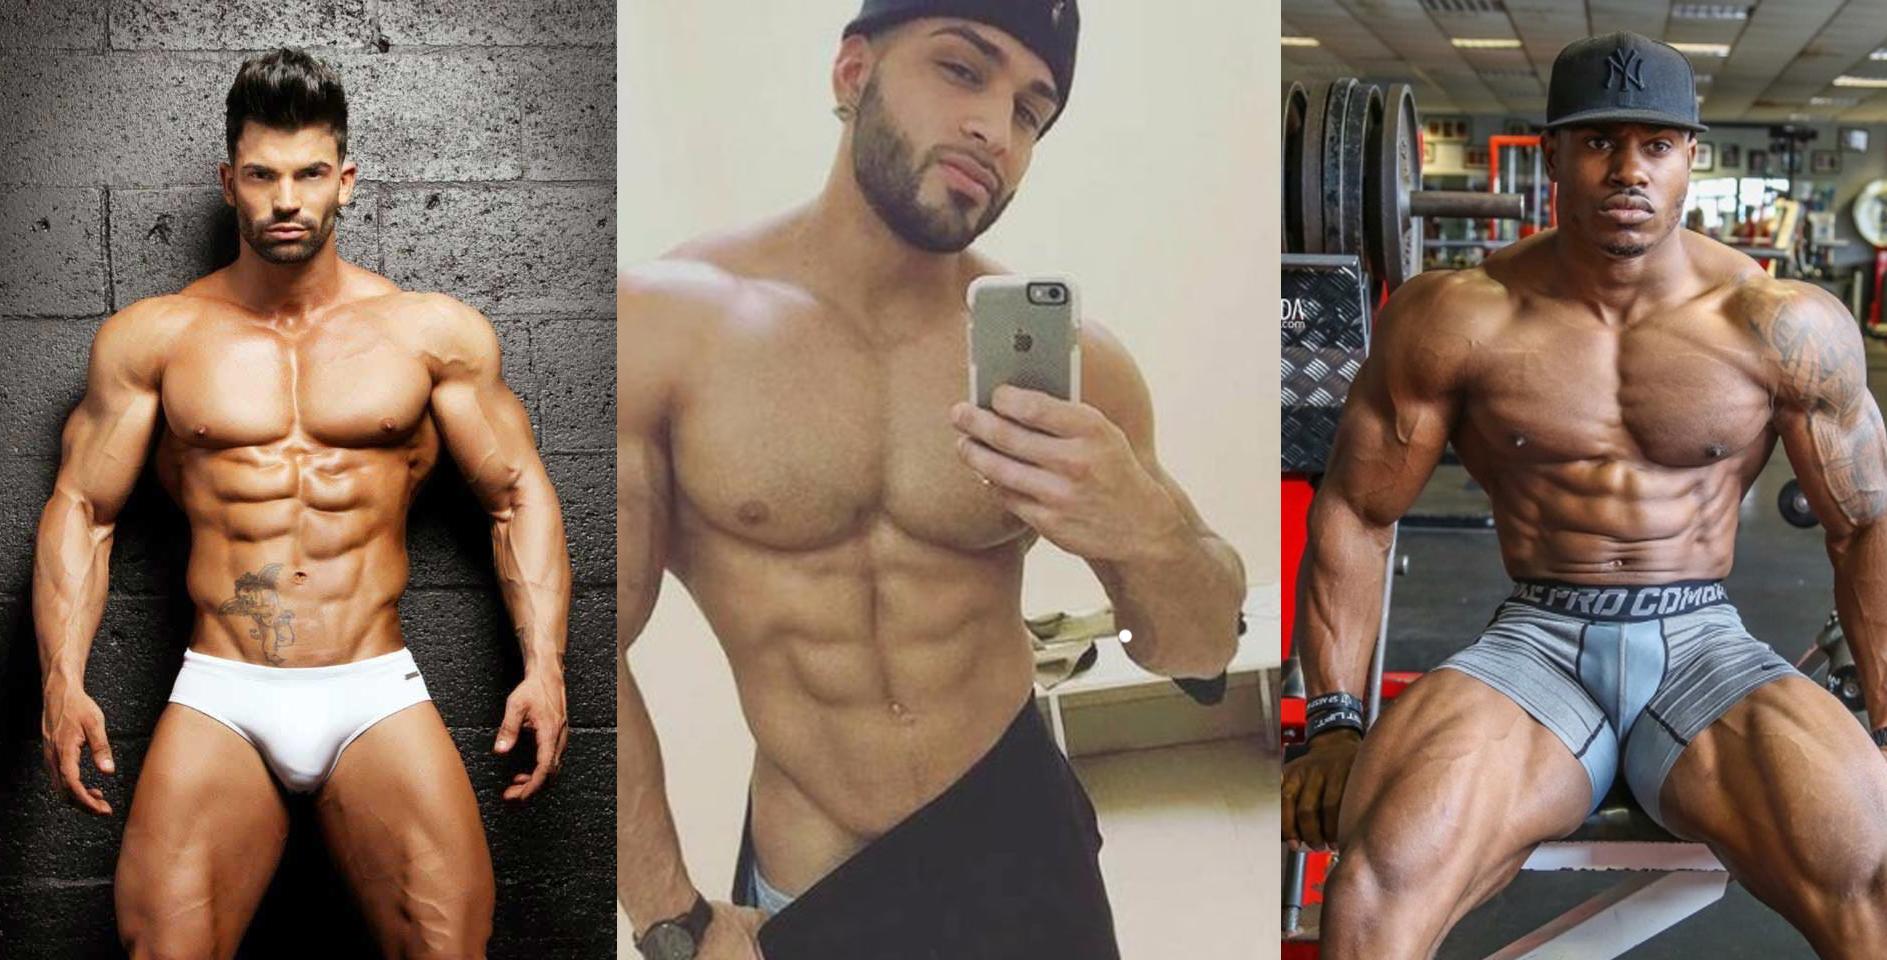 Los 5 modelos de fitness desnudos más sexis del mundo